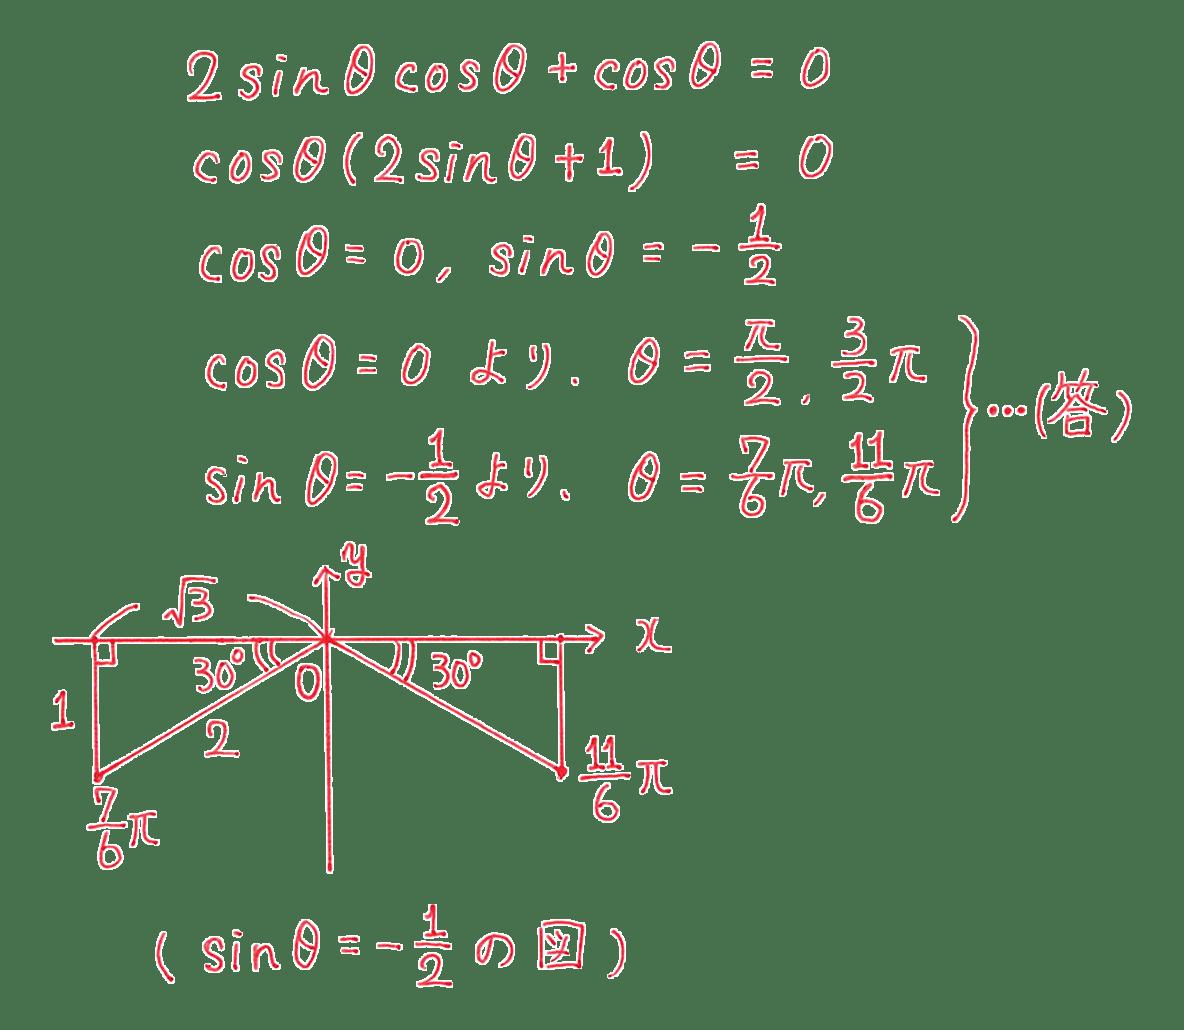 高校数学Ⅱ 三角関数20 例題 答え